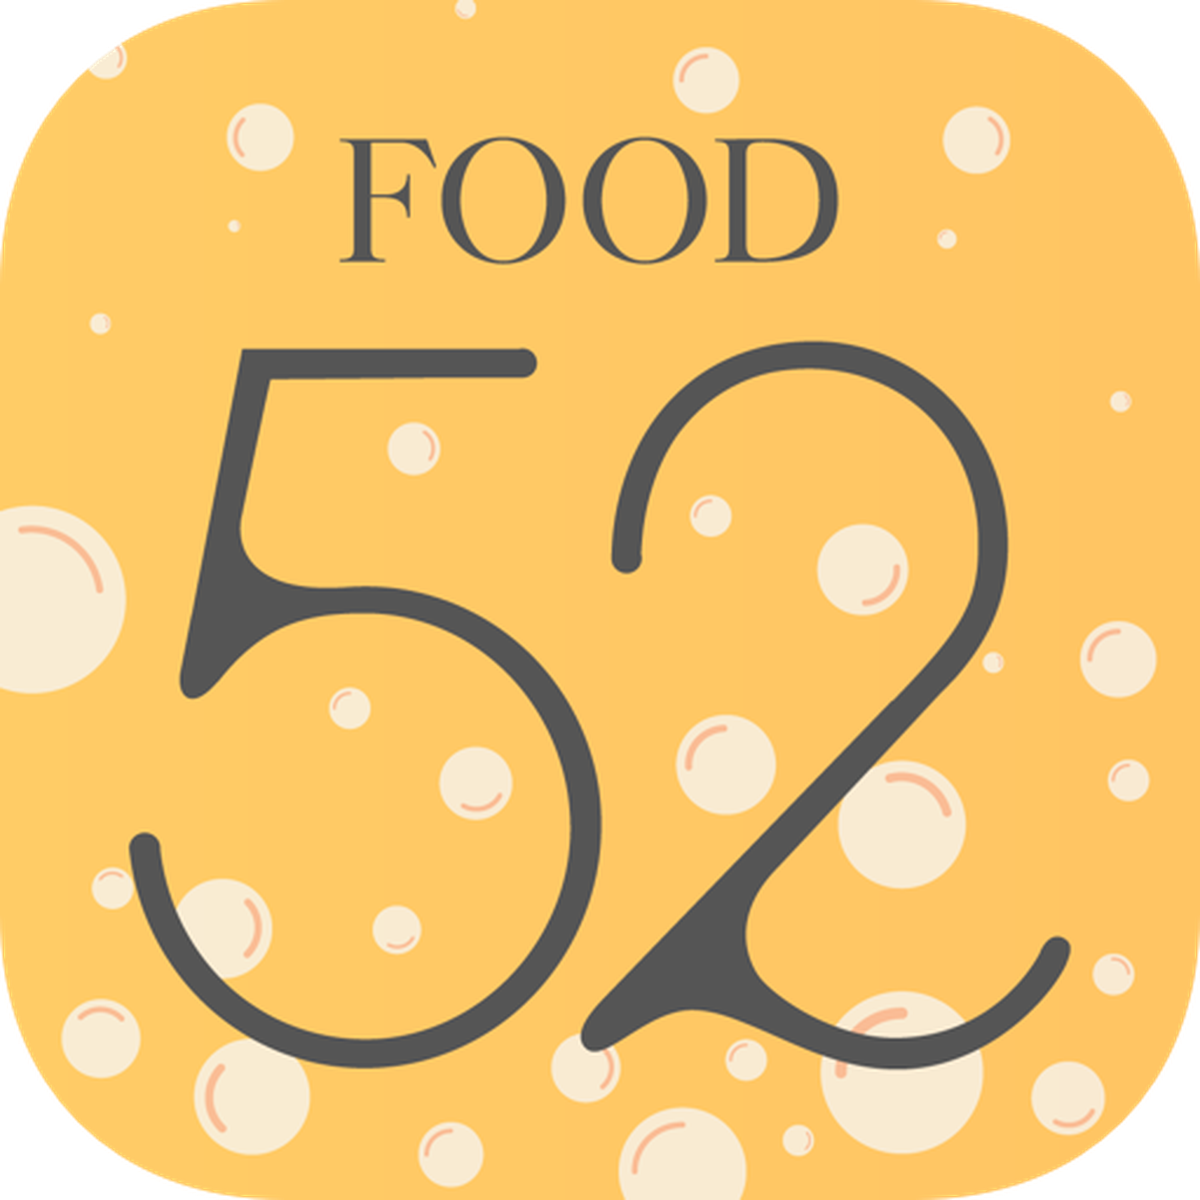 Food 52.png